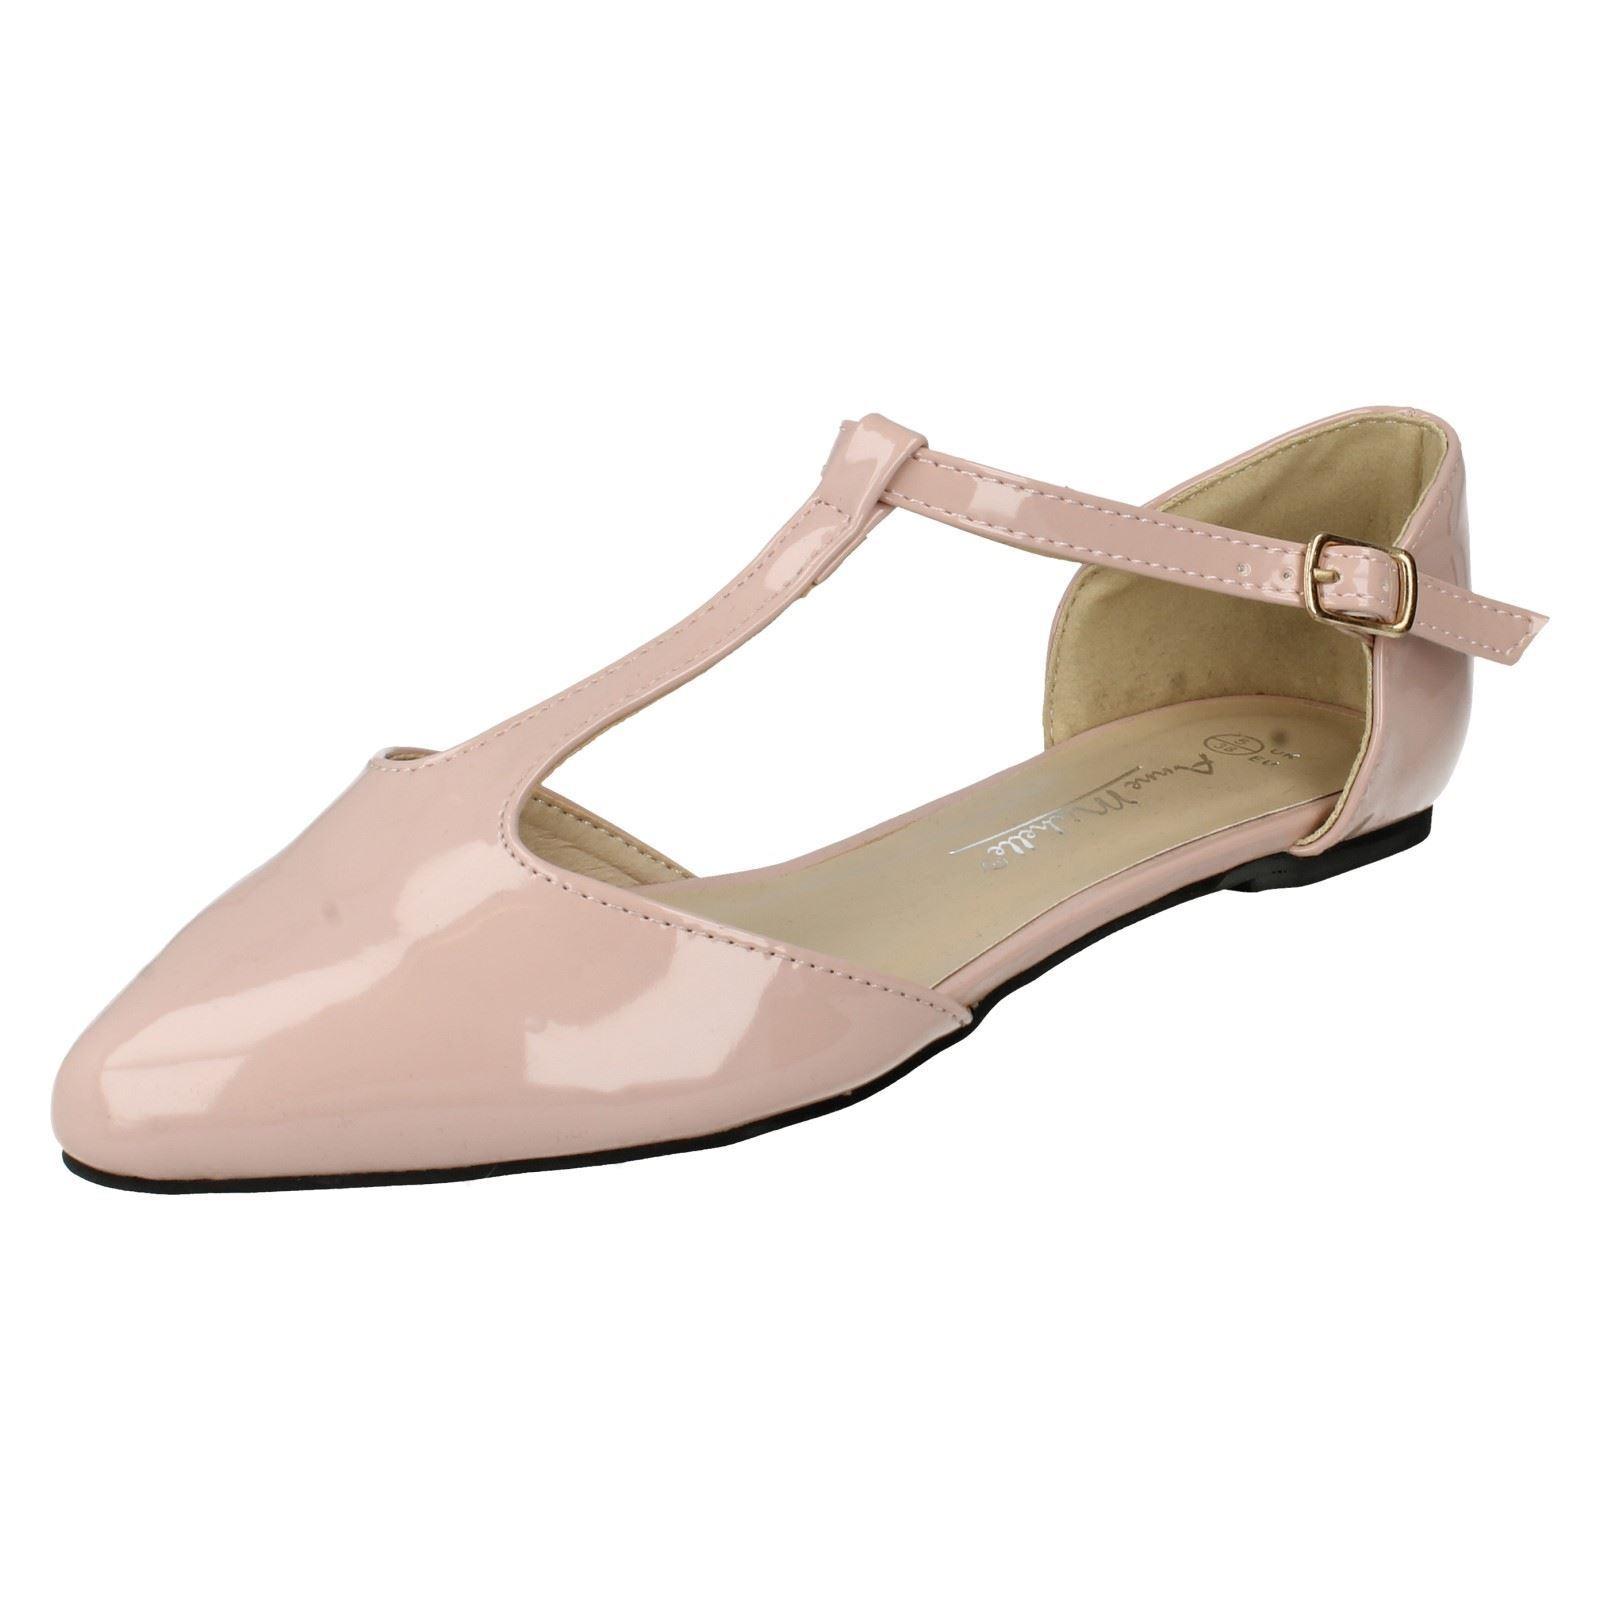 Mujer Plano Anne Michelle Barra T Charol Plano Mujer Cierre De Hebilla  zapatos  f80080 e24226